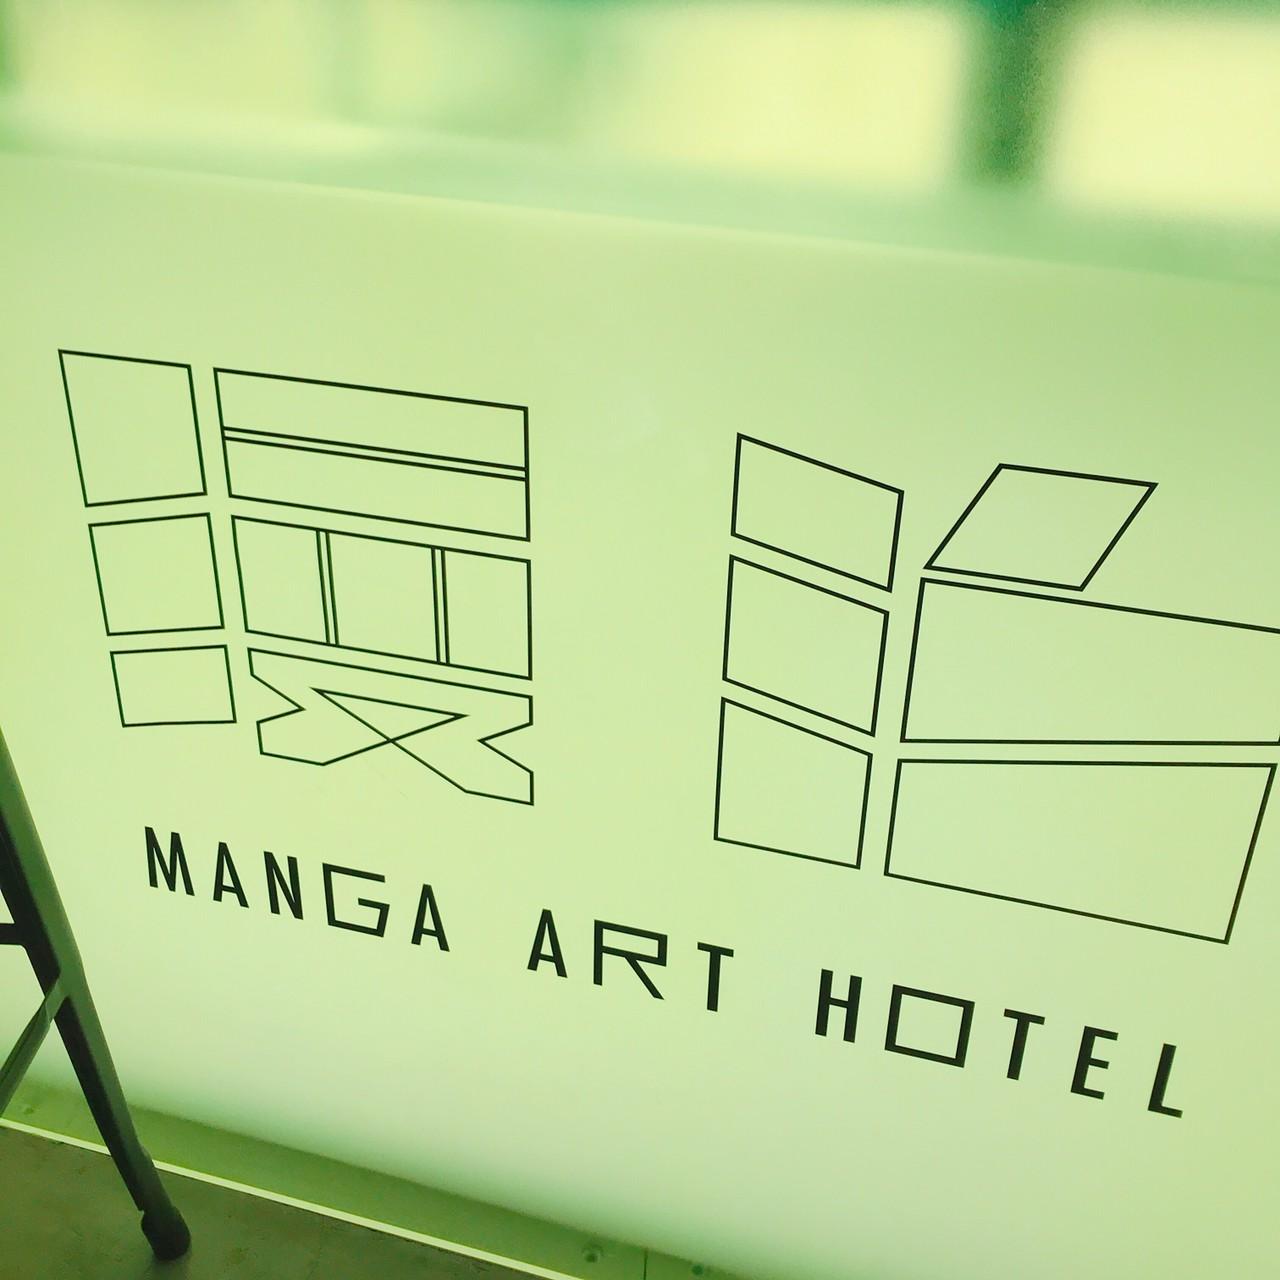 #ThisisCHOCO 【010】 一晩中マンガ漬け!?マンガに囲まれたホテルで体験する♪